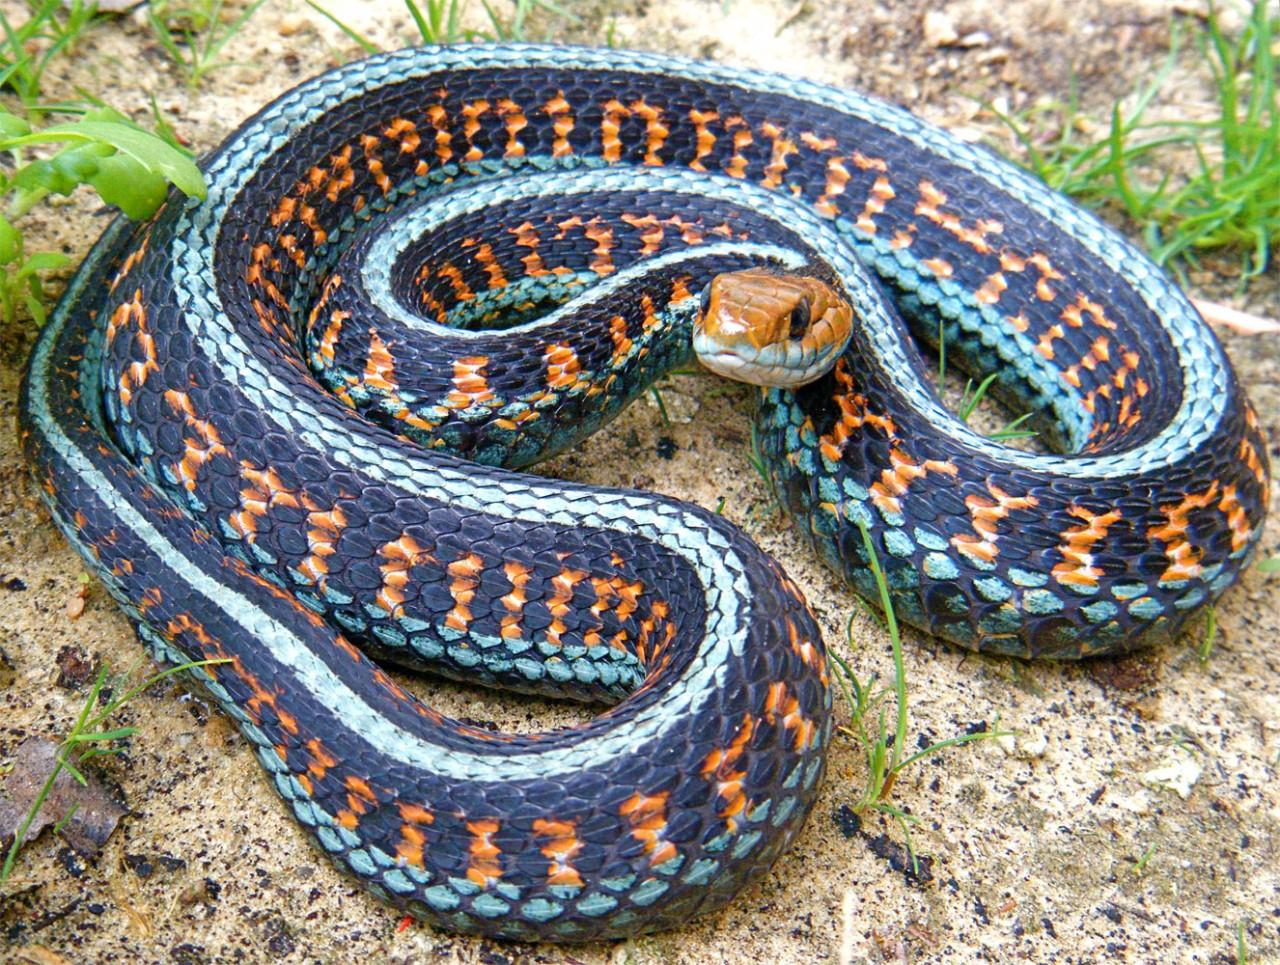 все виды змей мира фото и названия удастся найти